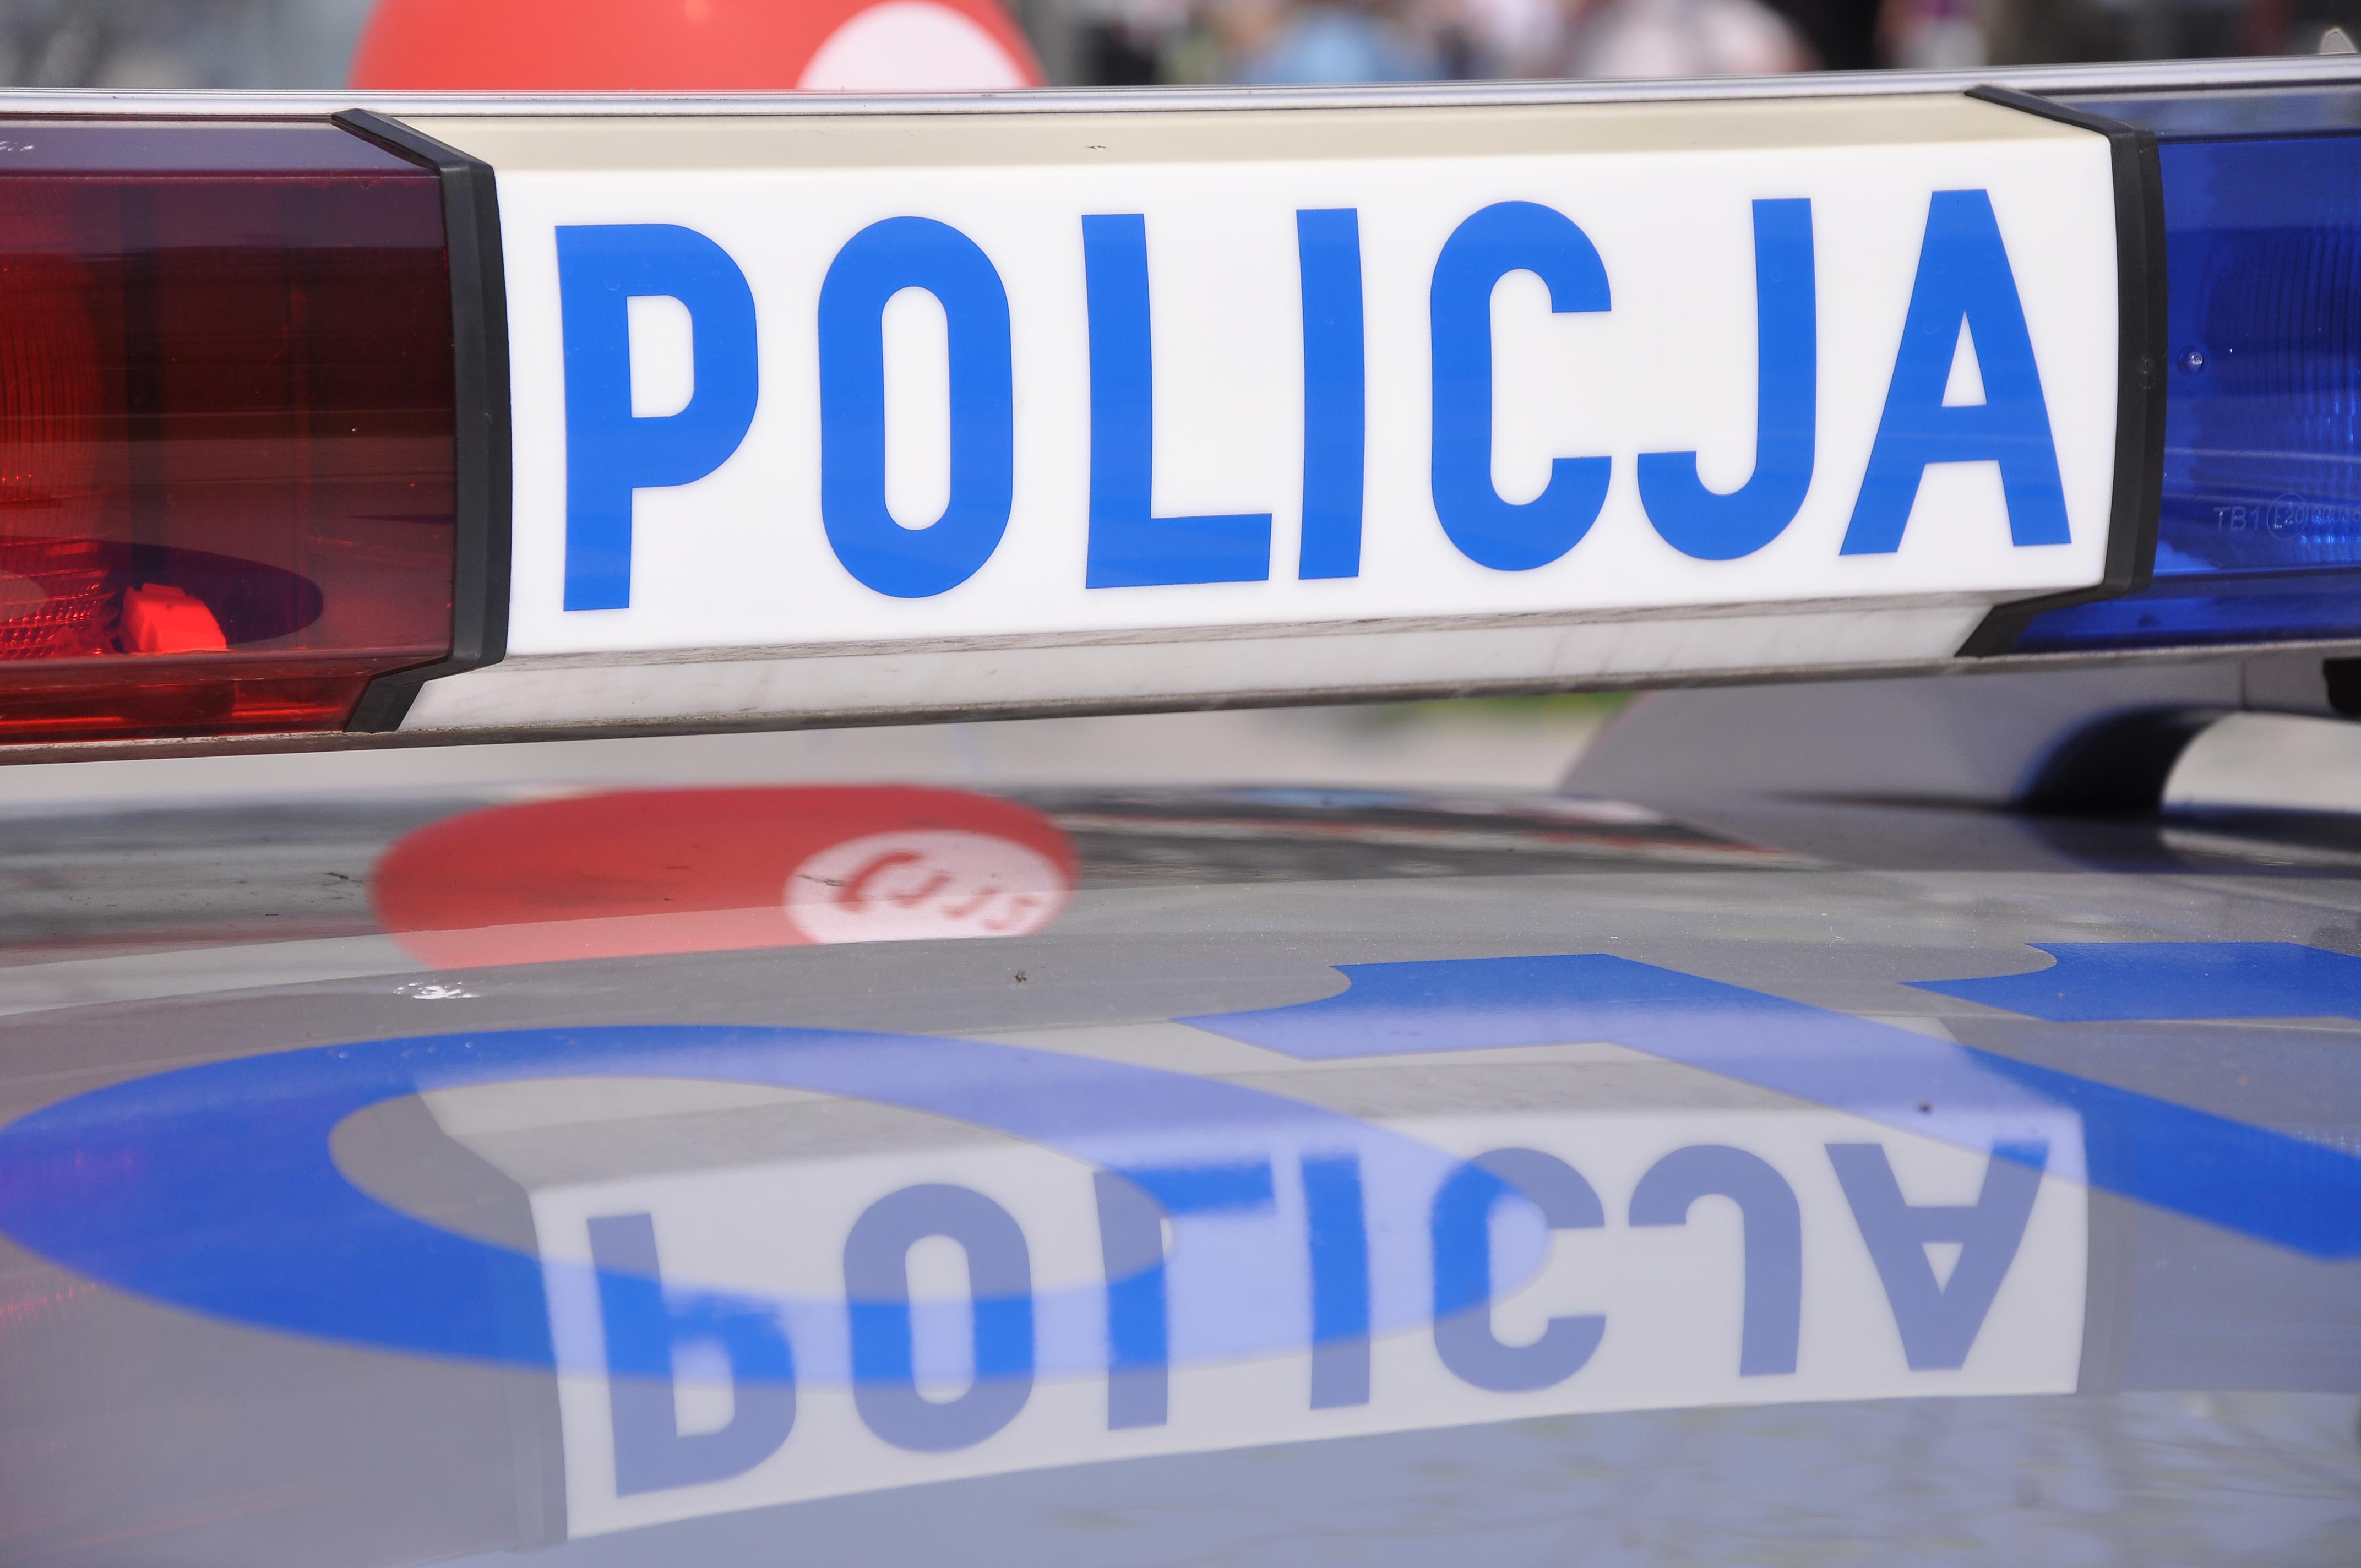 Krakowscy policjanci zatrzymali sprawców pobicia 38-latka, do którego doszło w styczniu br.